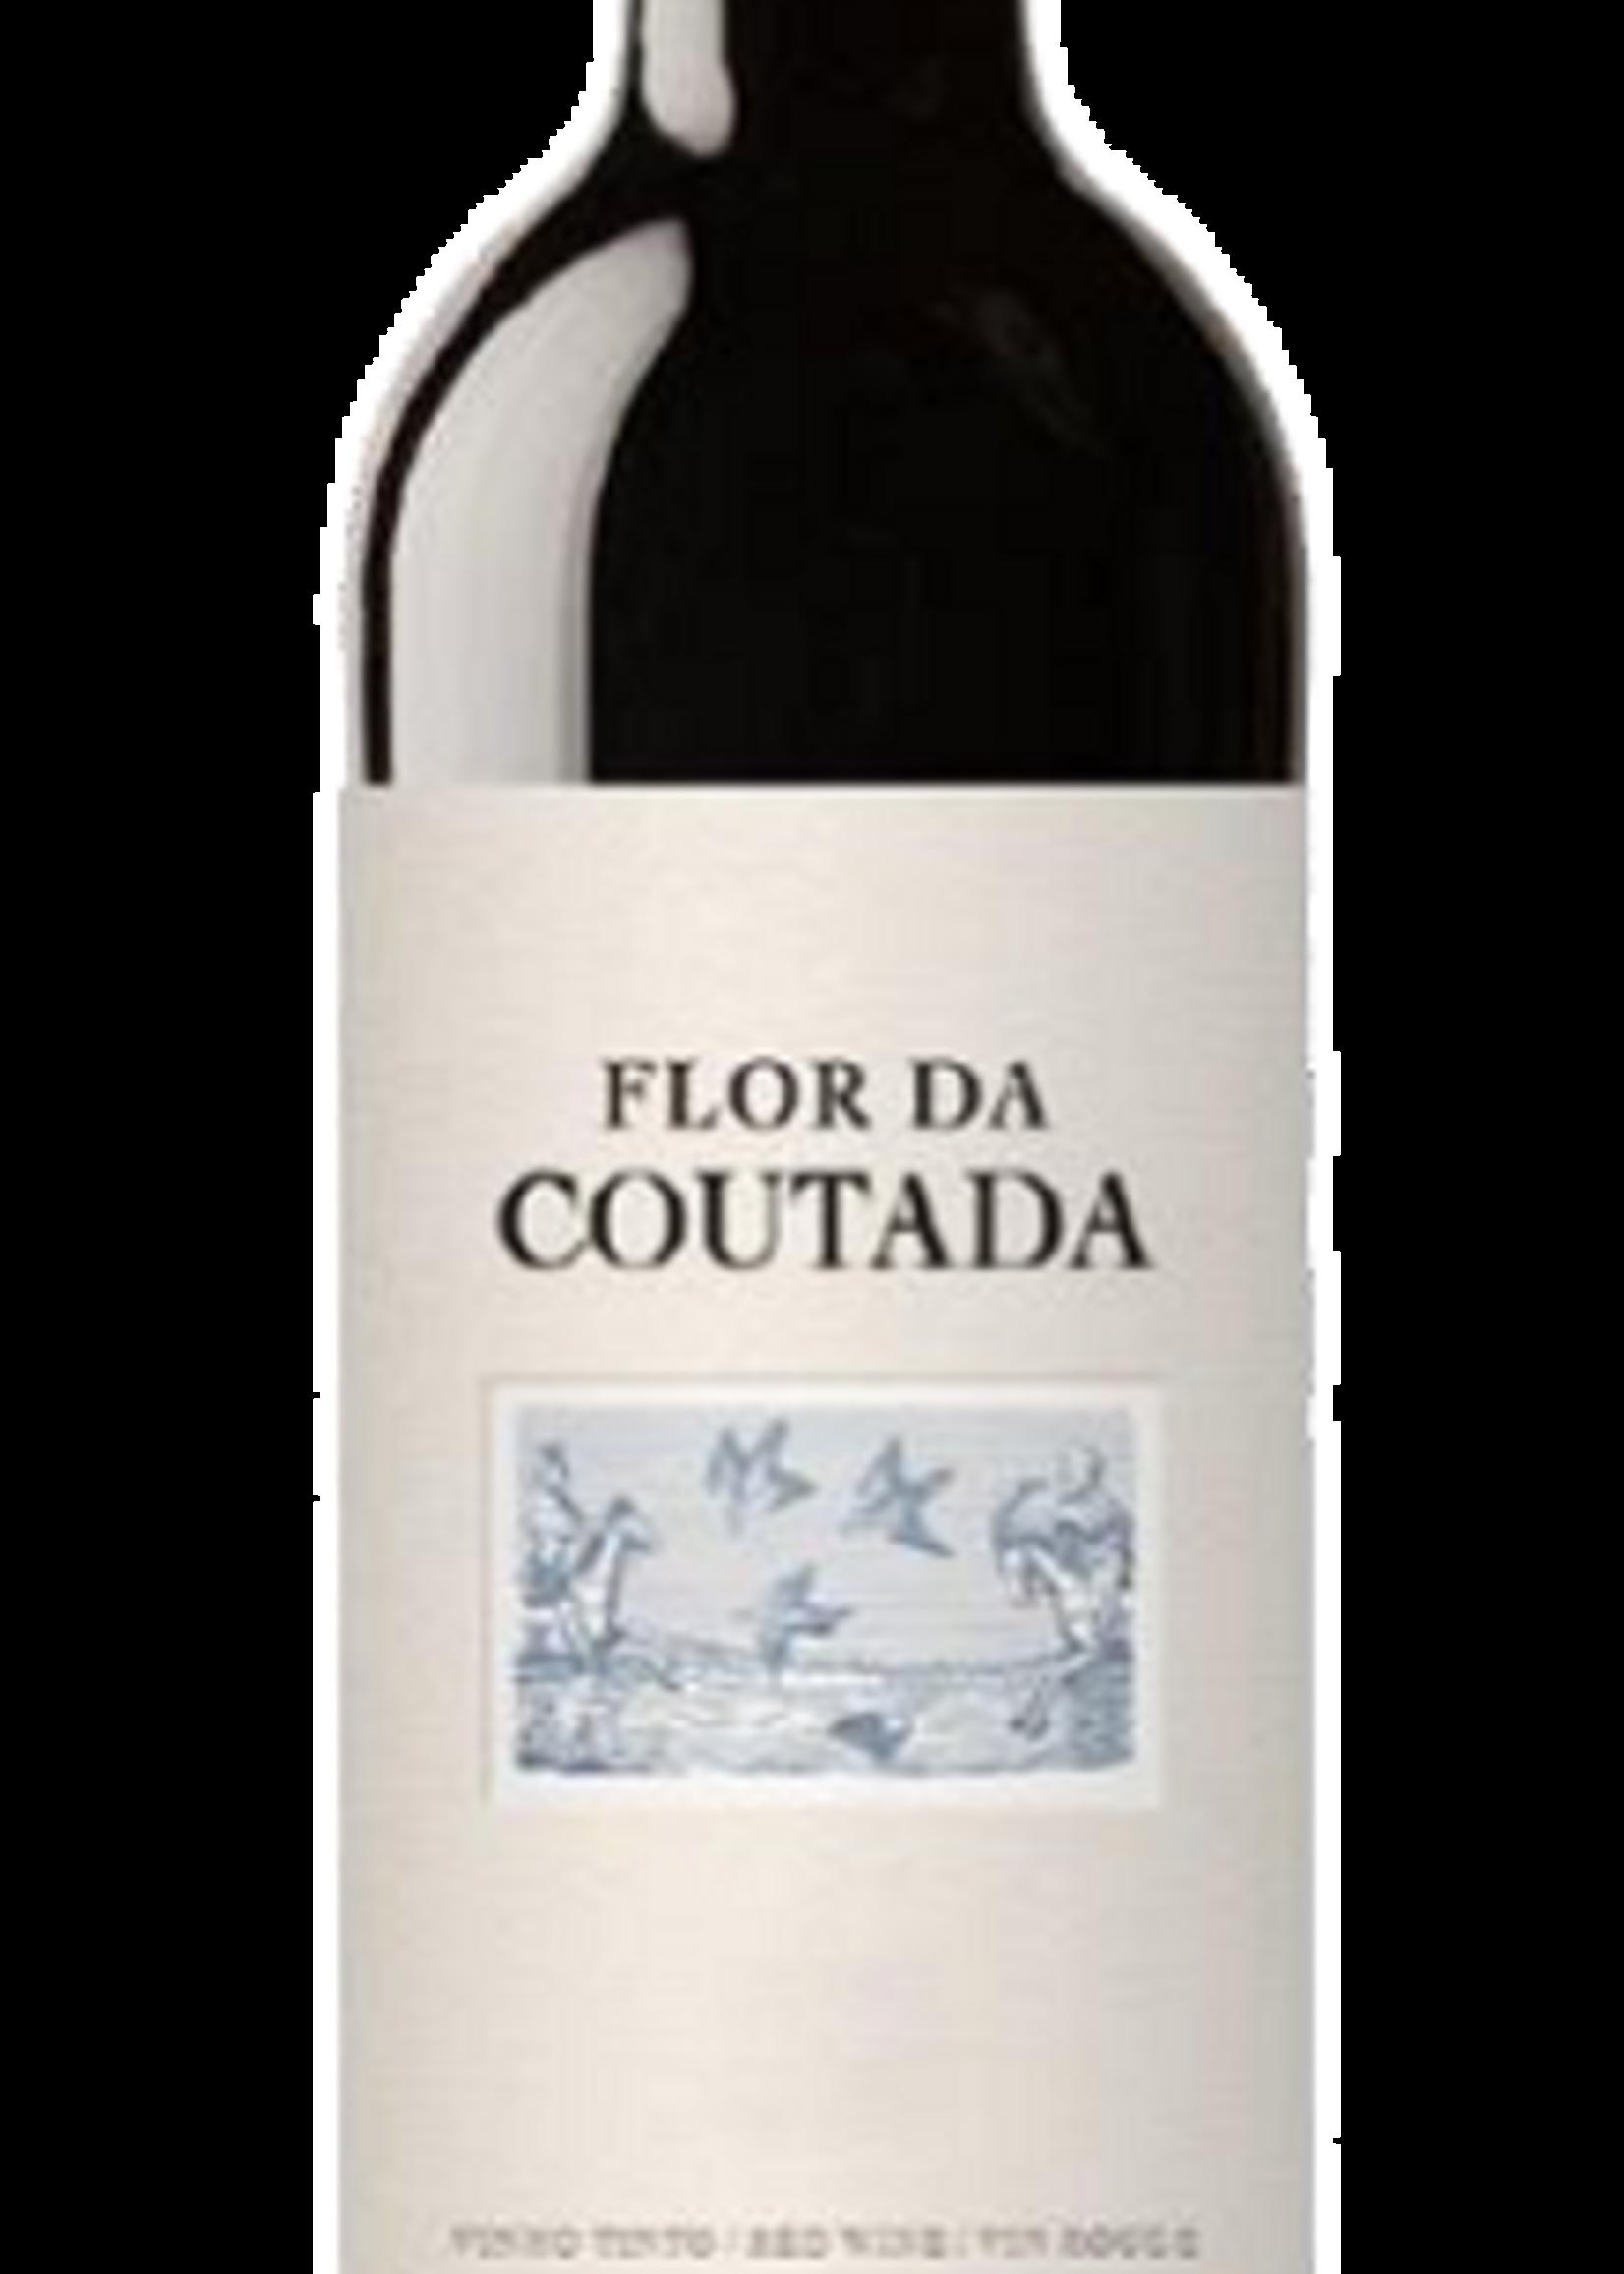 Flor da Coutada Tinto, Portugal